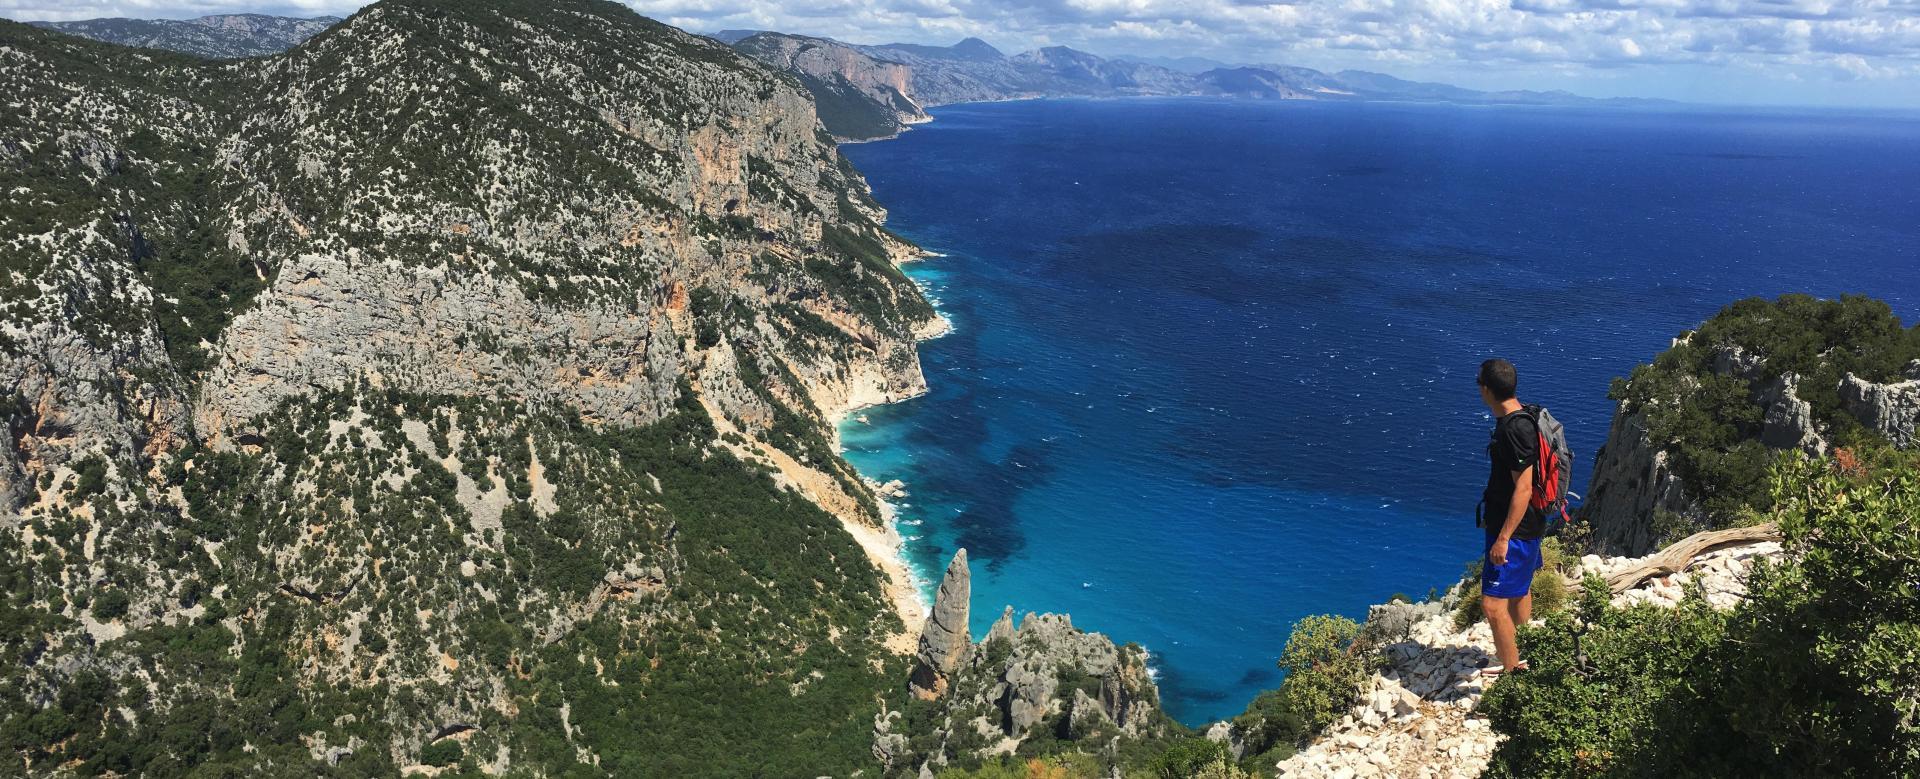 Voyage à pied : Le trail du selvaggio blu